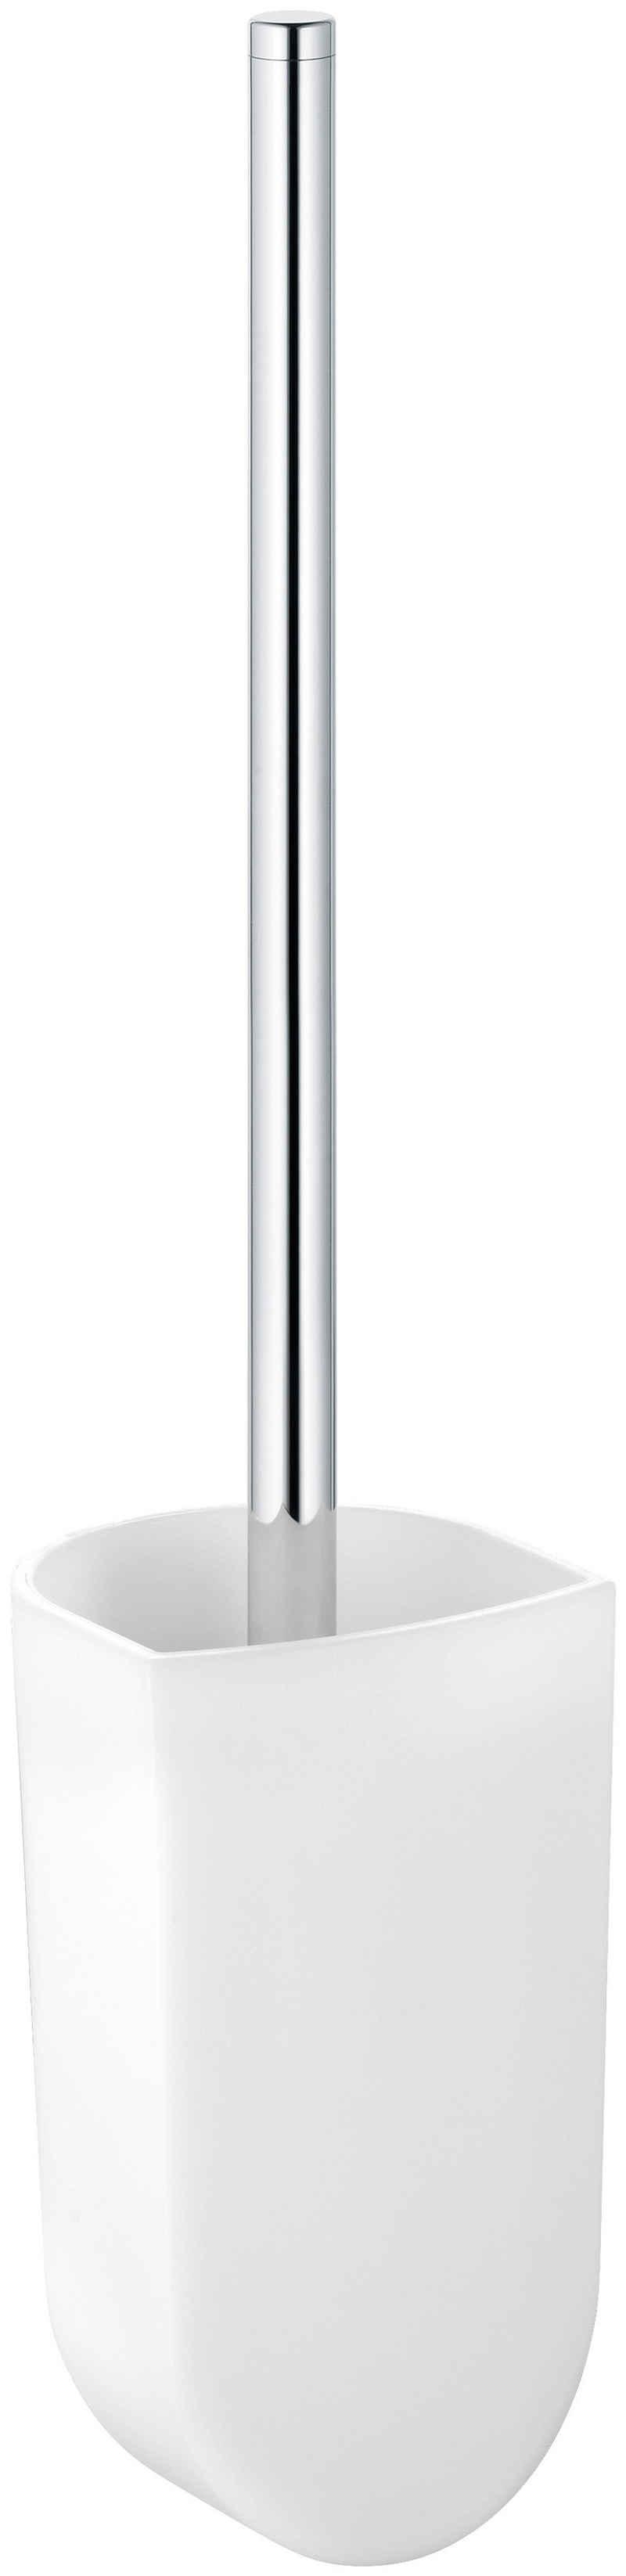 WC-Garnitur »Elegance«, Keuco, mit Glas-Einsatz mattiert, verchromt